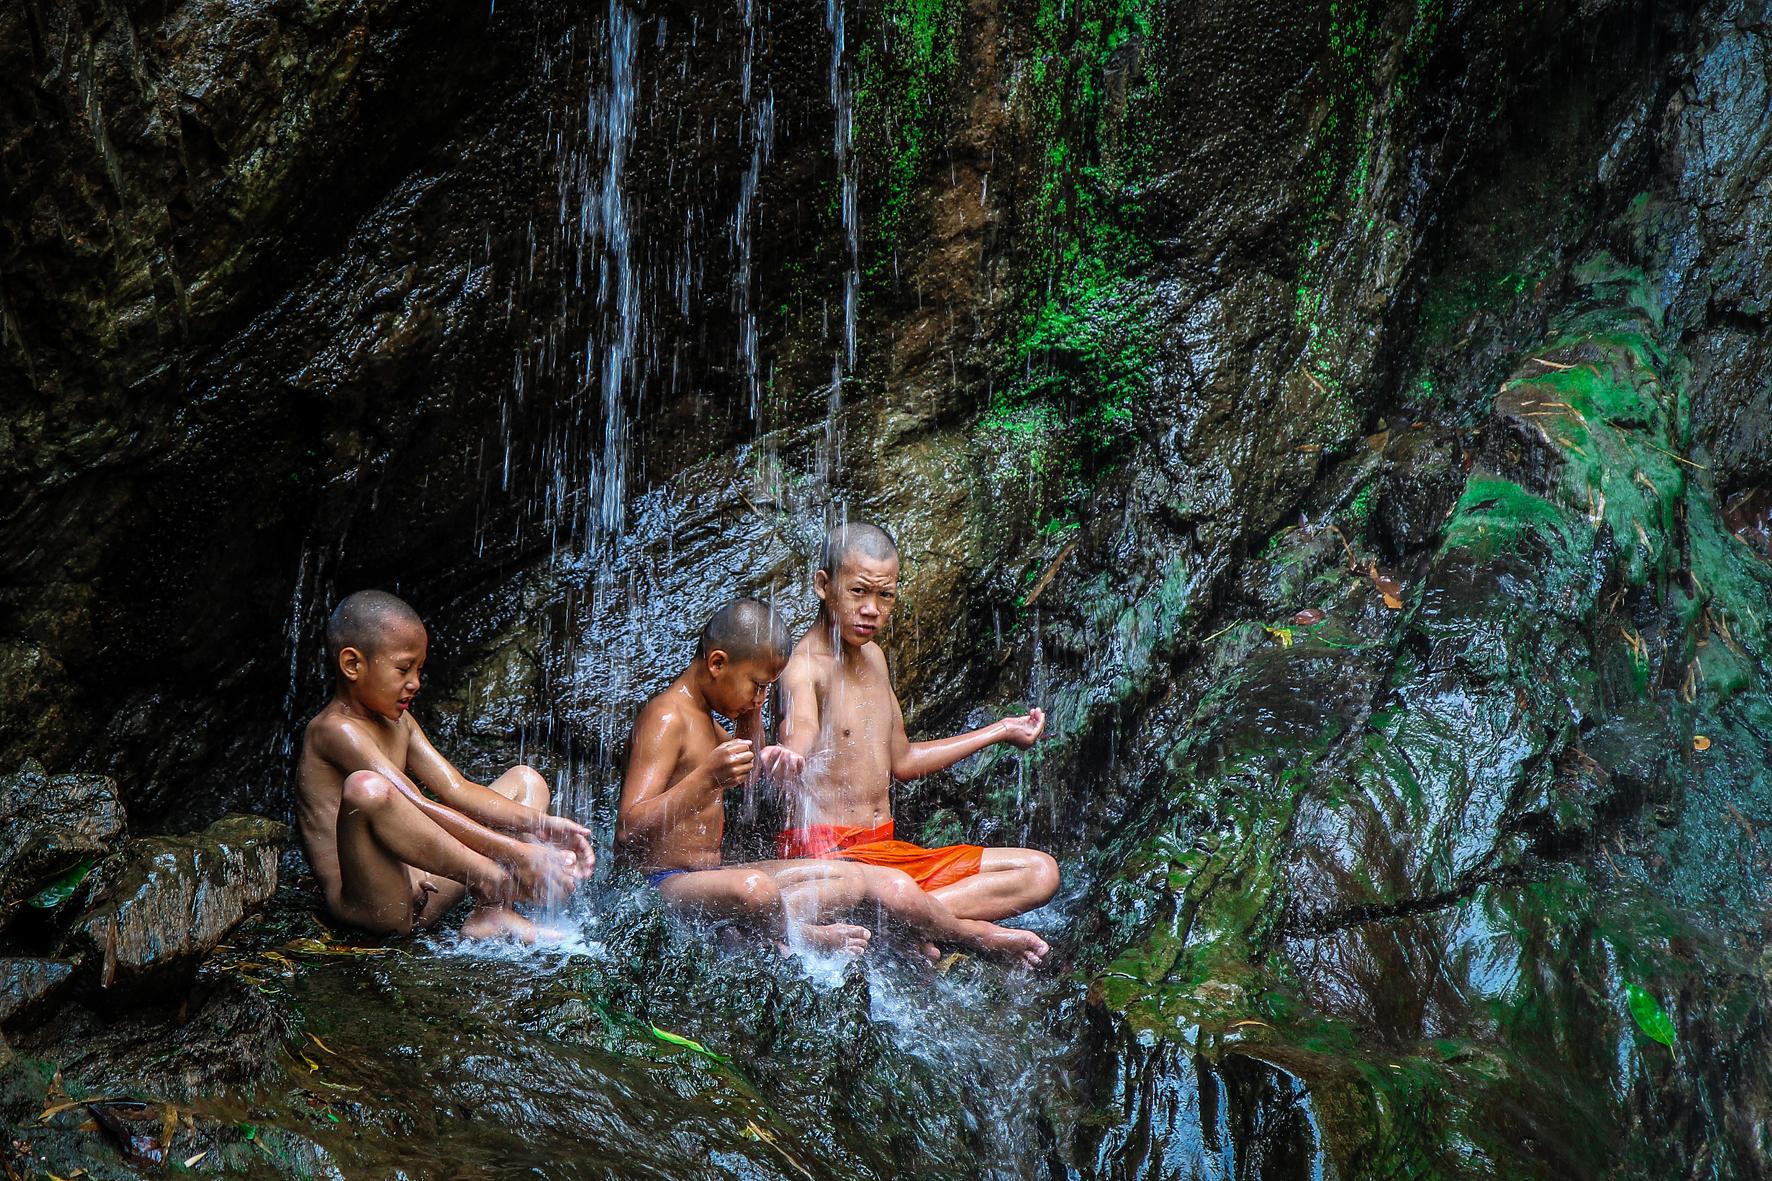 Reizen met Kinderen Thailand Chiang Mai Watervallen.jpg